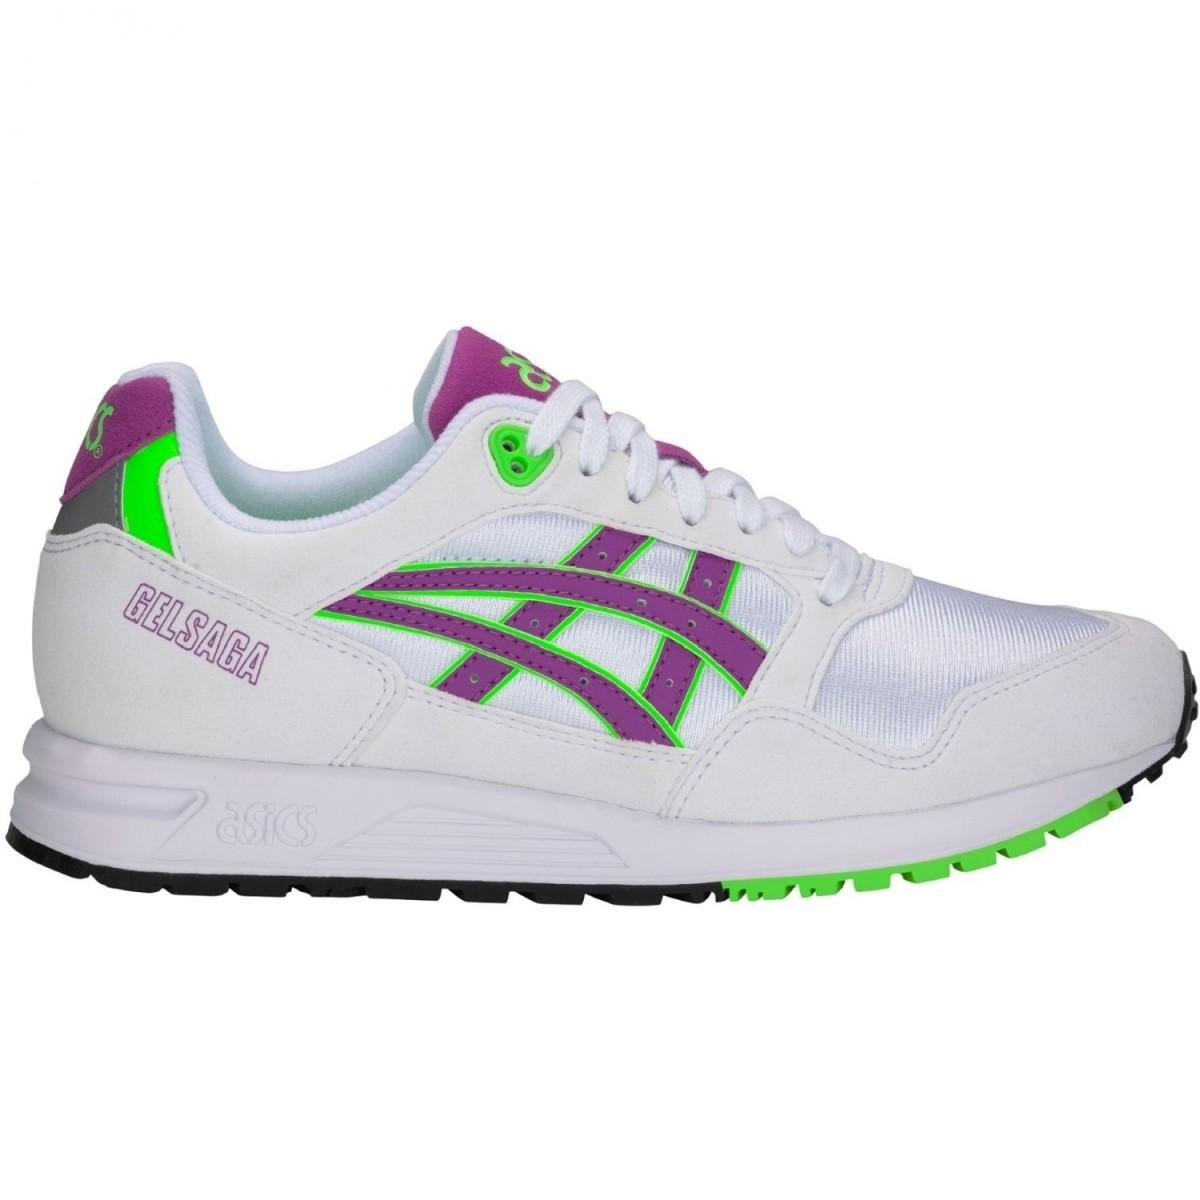 Asisc Gel Saga Sneaker